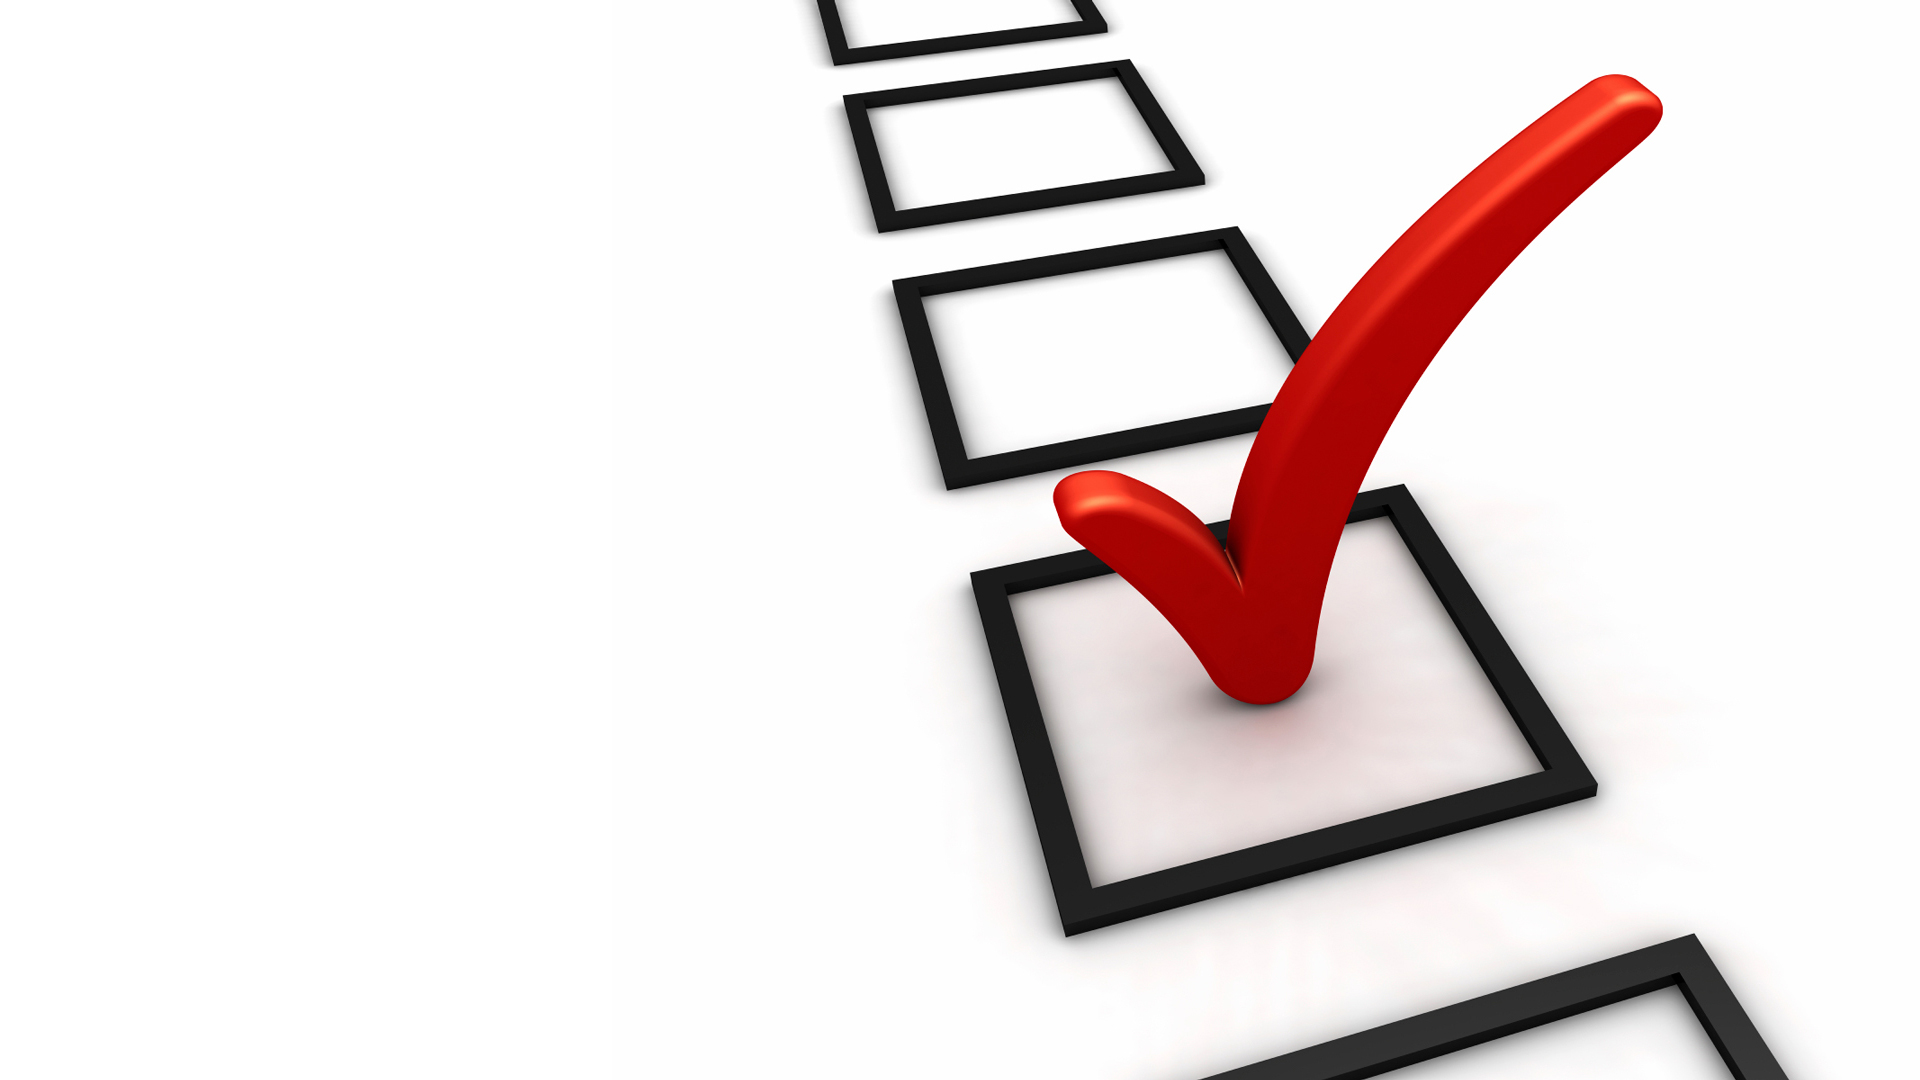 Опрос на Кам 24: с чем связаны неудачи партии власти на прошедших выборах?